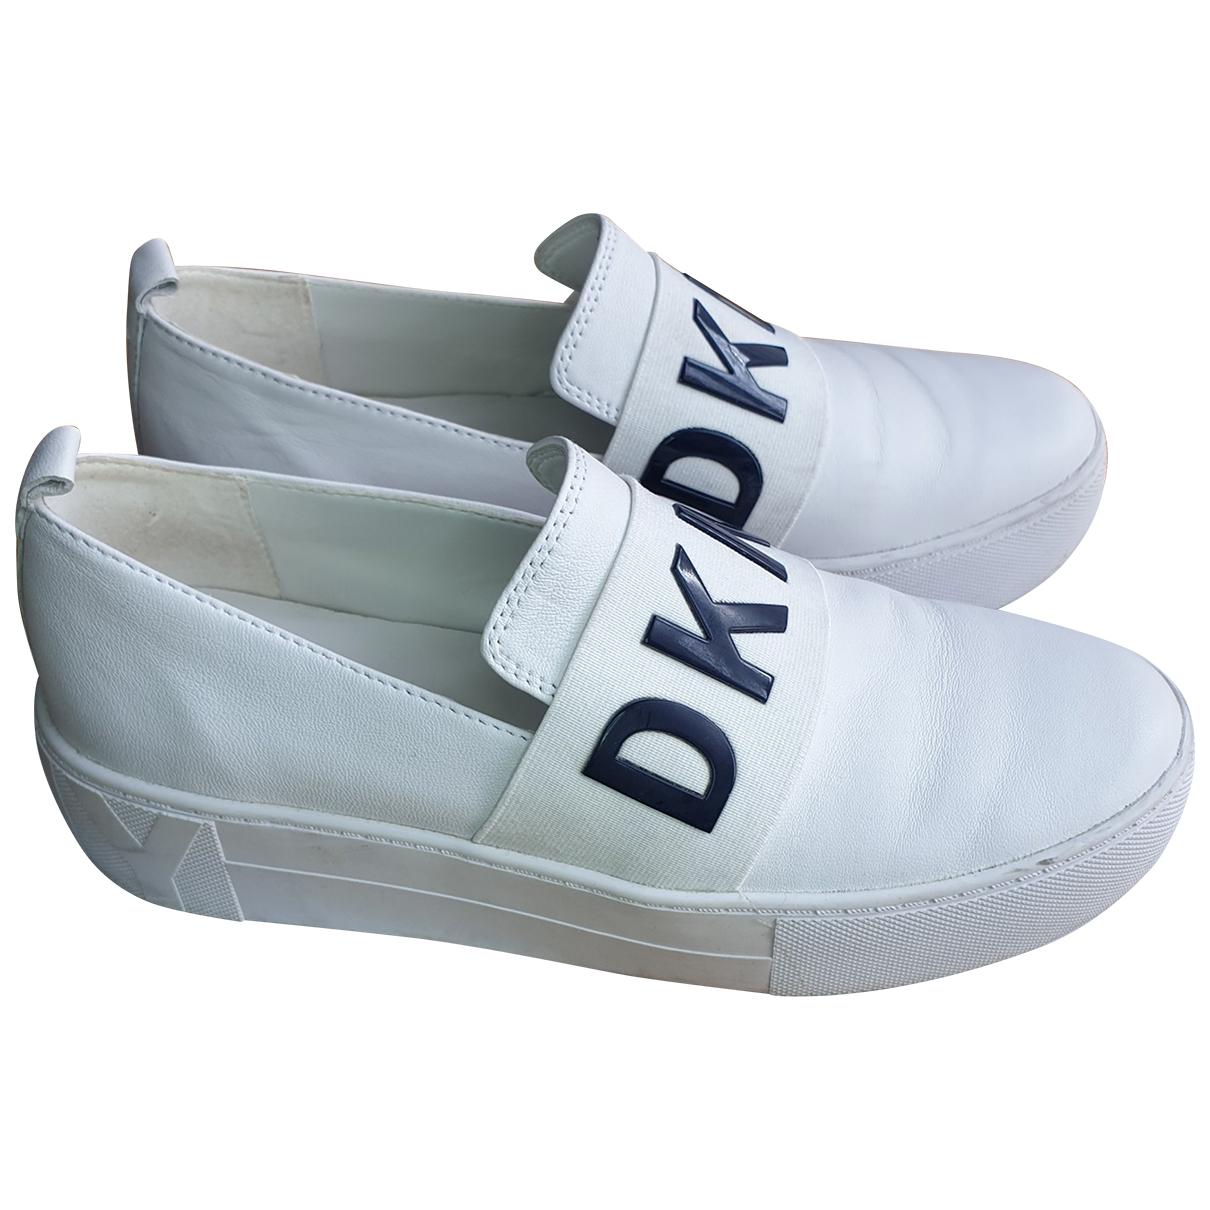 Dkny - Baskets   pour femme en cuir - blanc